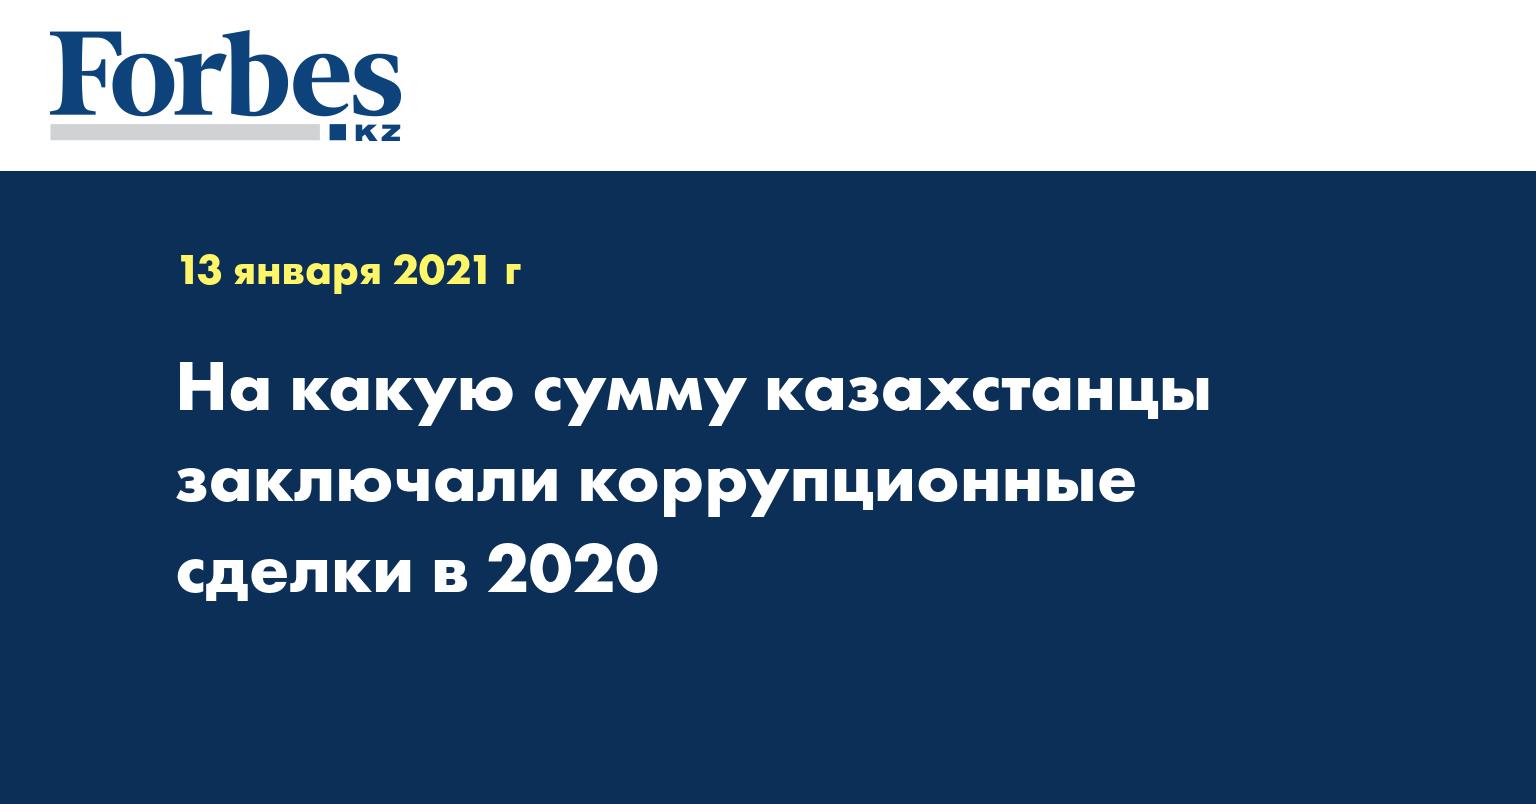 На какую сумму казахстанцы заключали коррупционные сделки в 2020